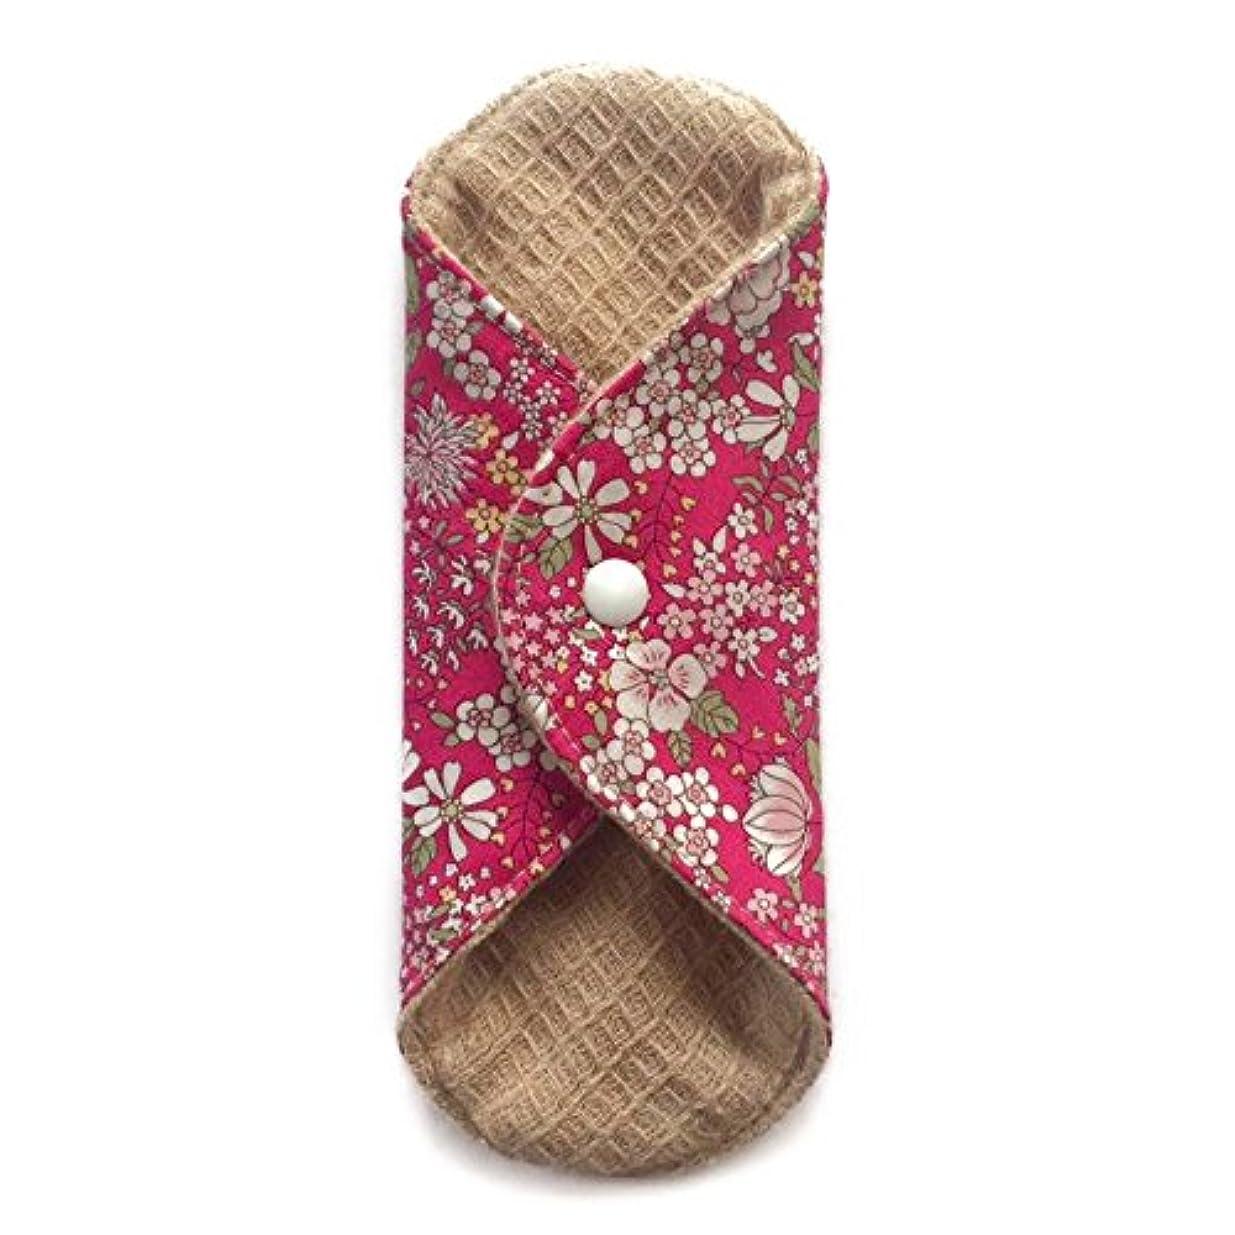 一目ショップ感謝祭華布のオーガニックコットンの極み あたため布 Sサイズ (約13×約13×約0.6cm) 雅(ローズ)